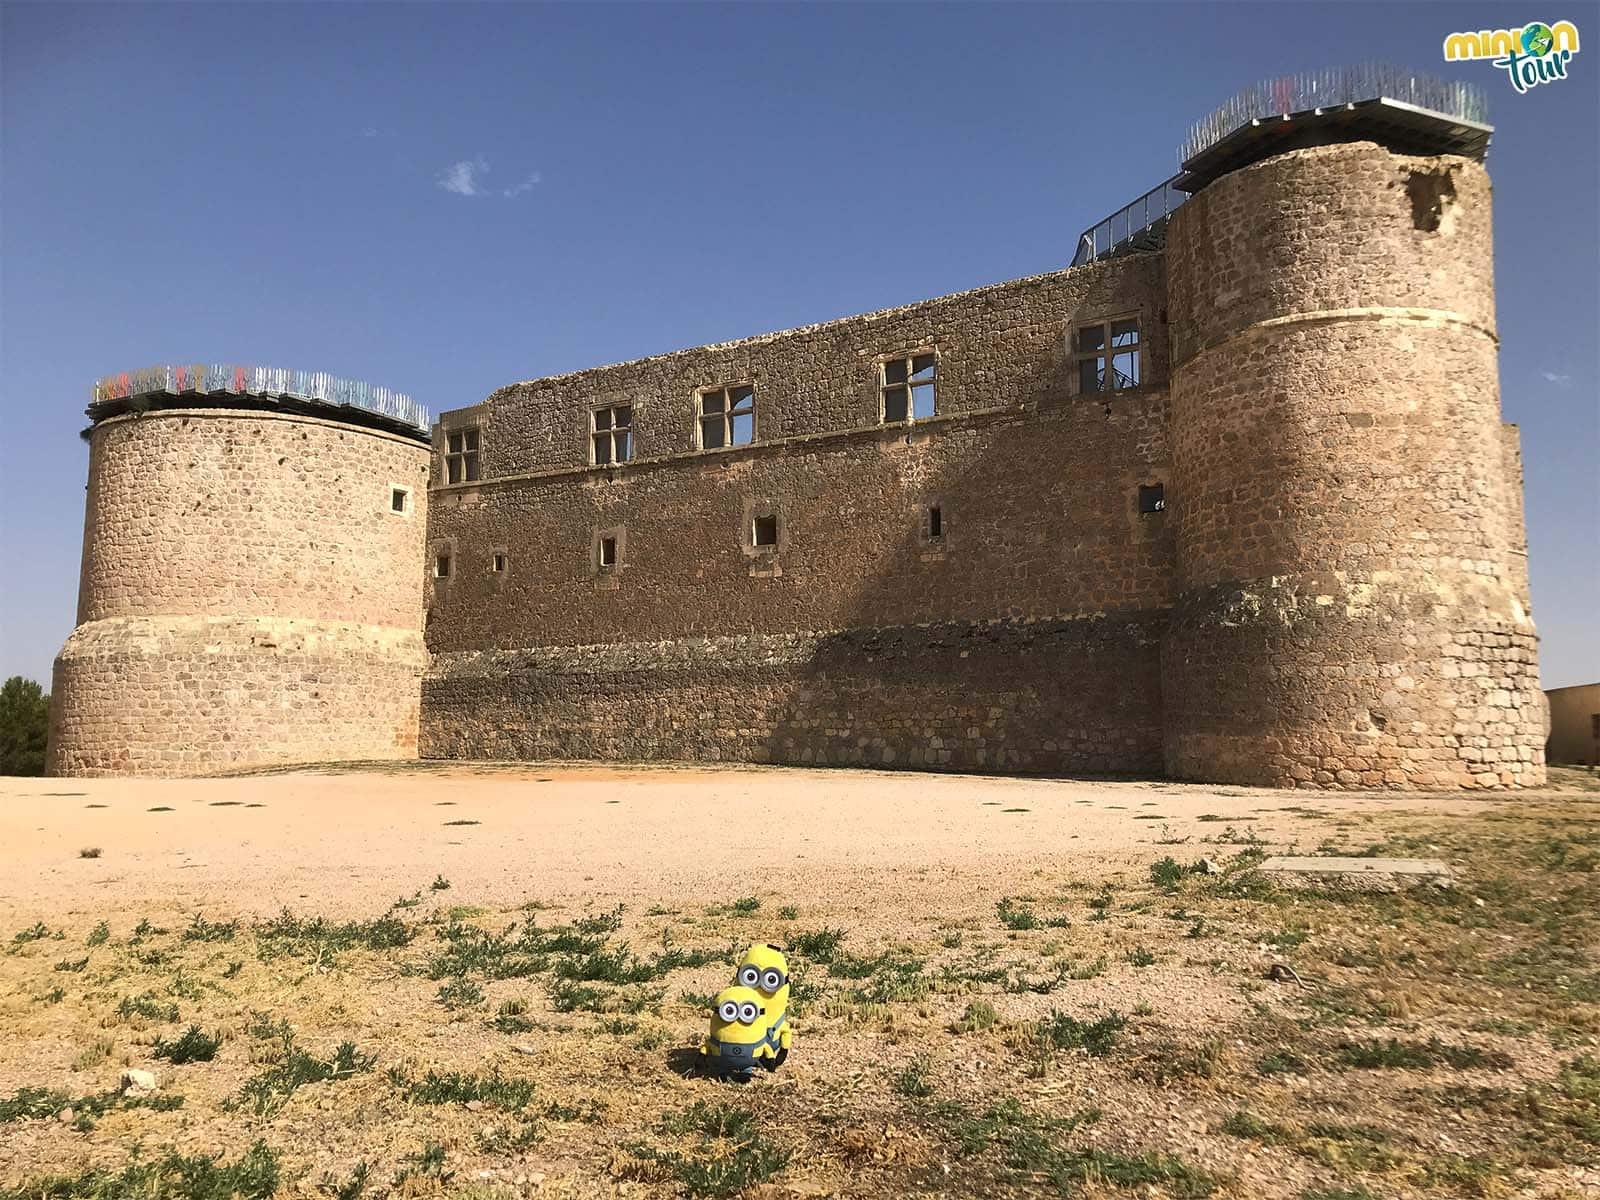 La última parada en la ruta de los castillos del Marqués de Villena, el Castillo de Garcimuñoz